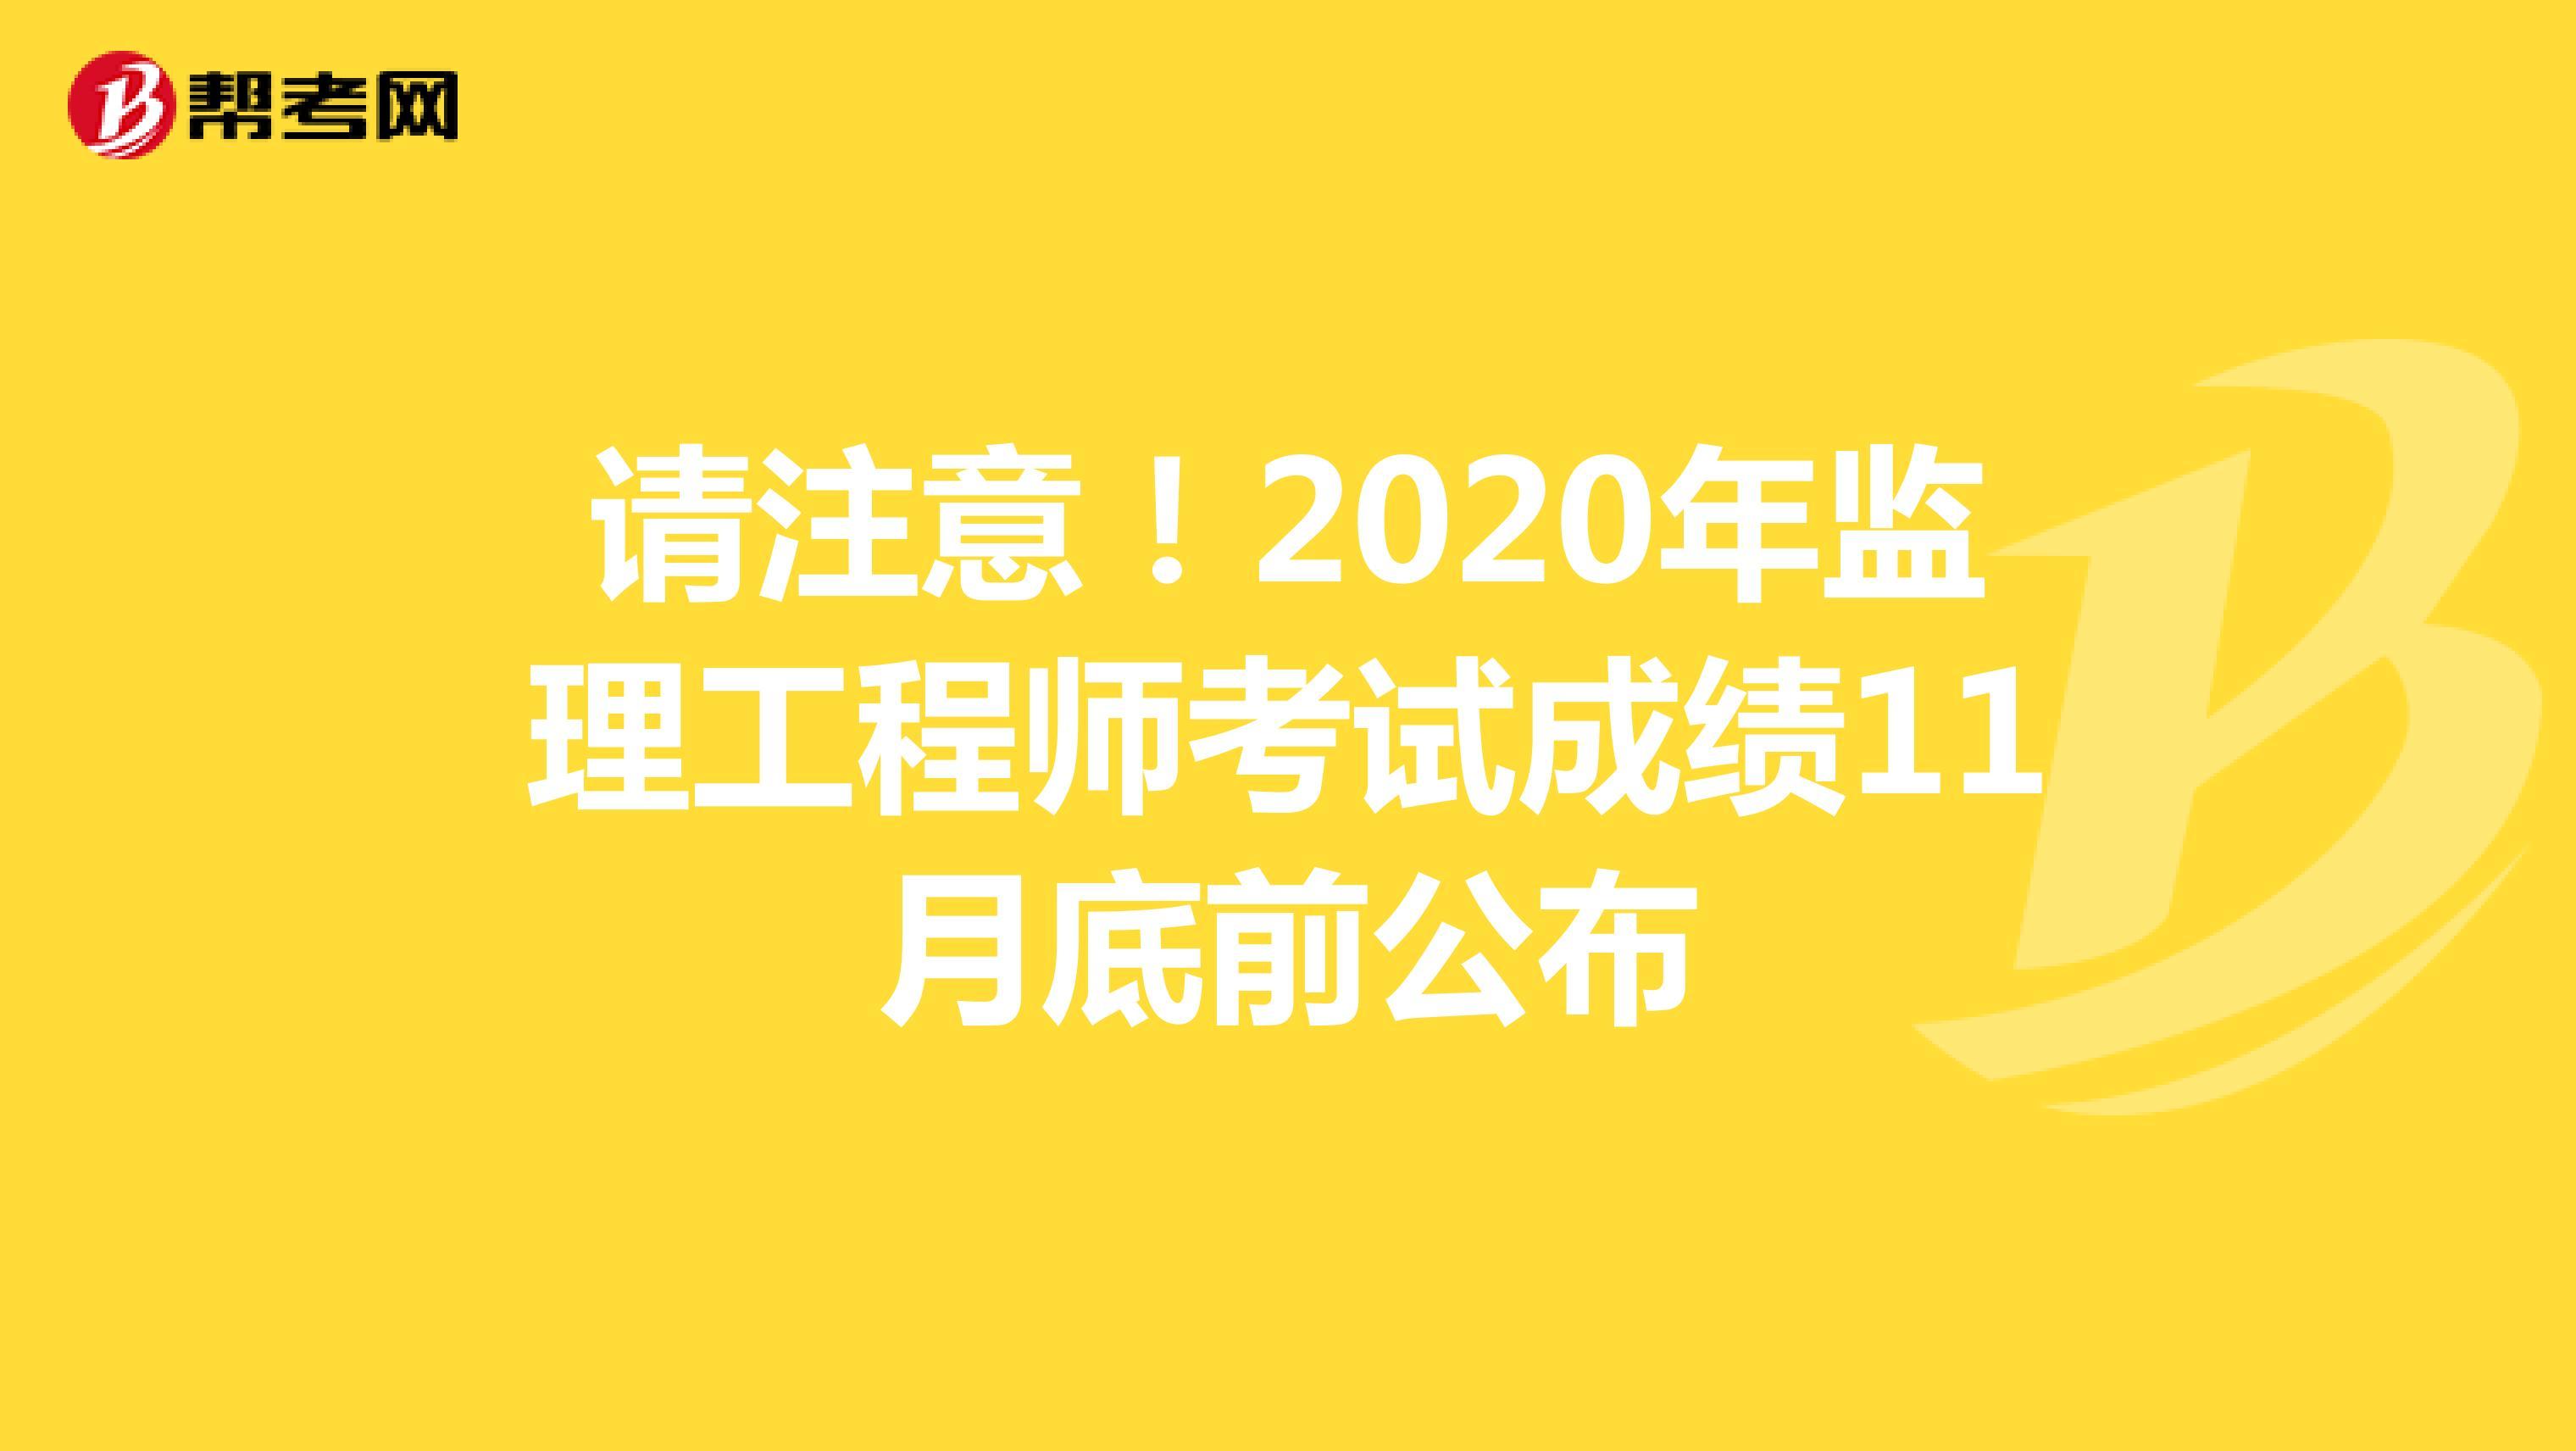 请注意!2020年监理工程师考试成绩11月底前公布